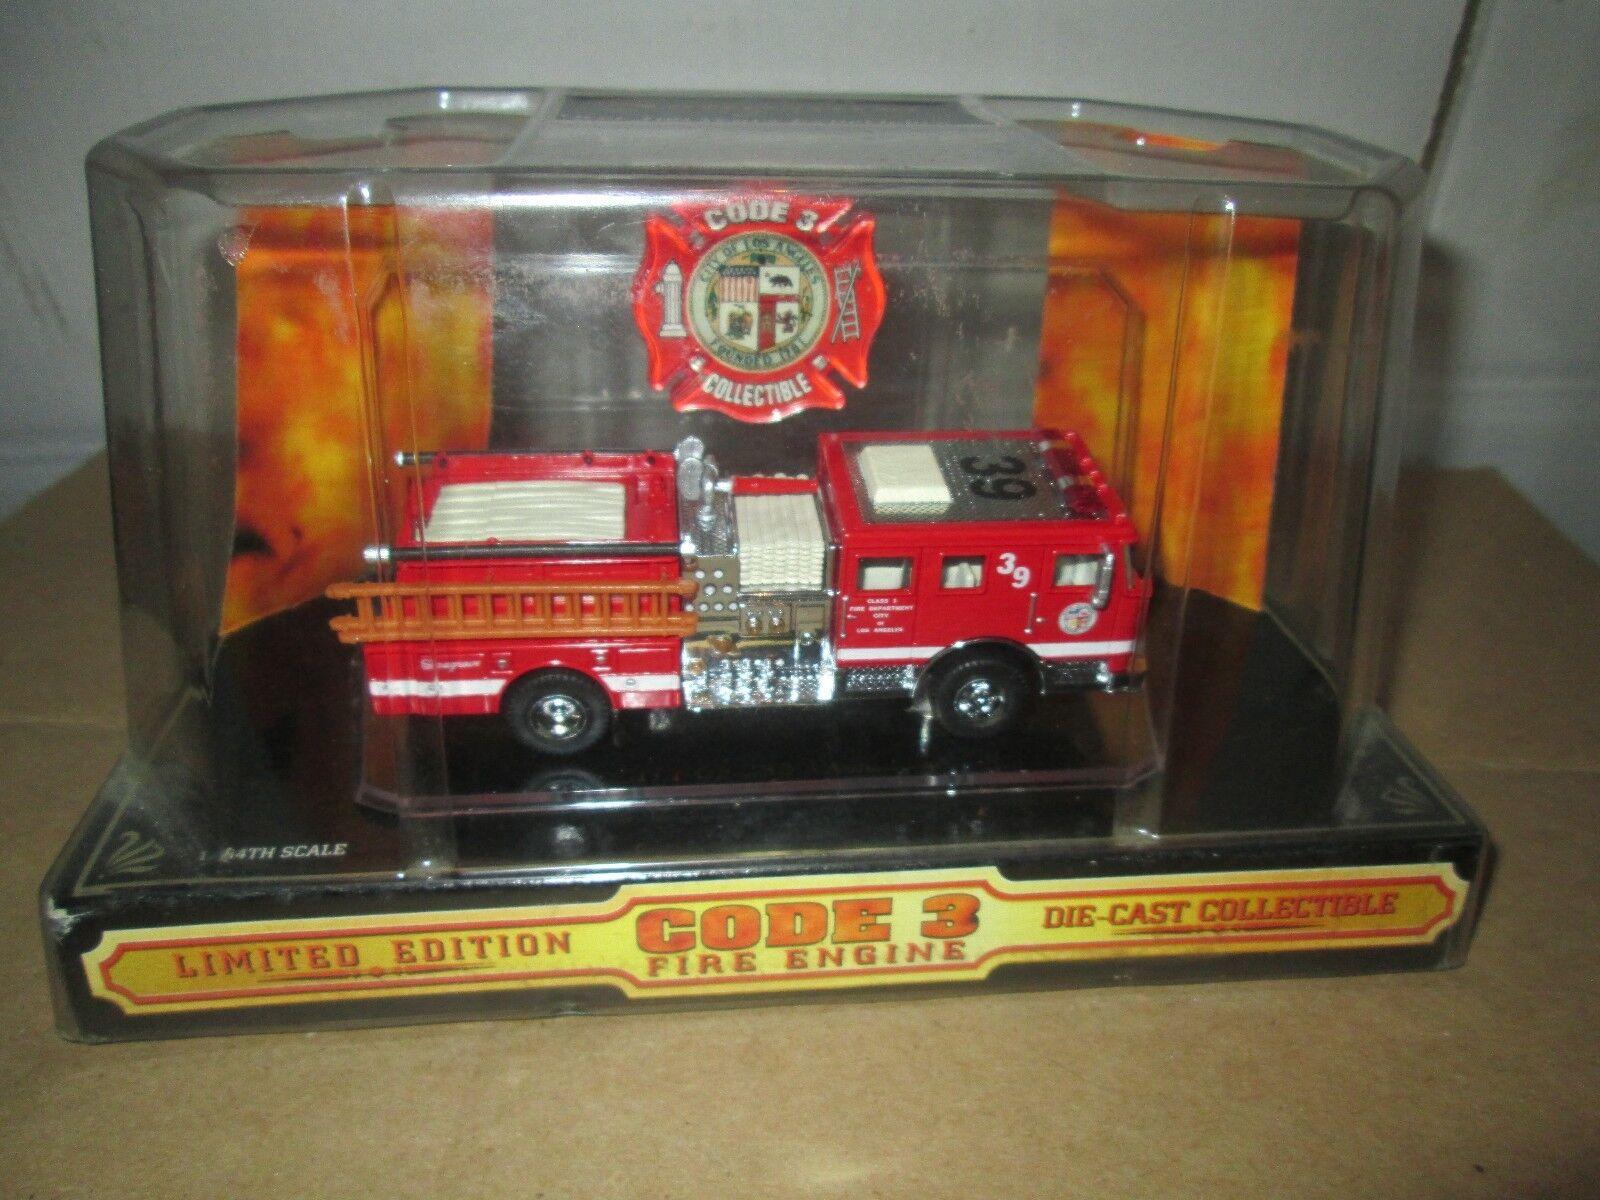 vendita online Città di Los Angeles Code 3 Seagrave Pumper 1 1 1 64 Fire Dept Unità 39  02450  nelle promozioni dello stadio